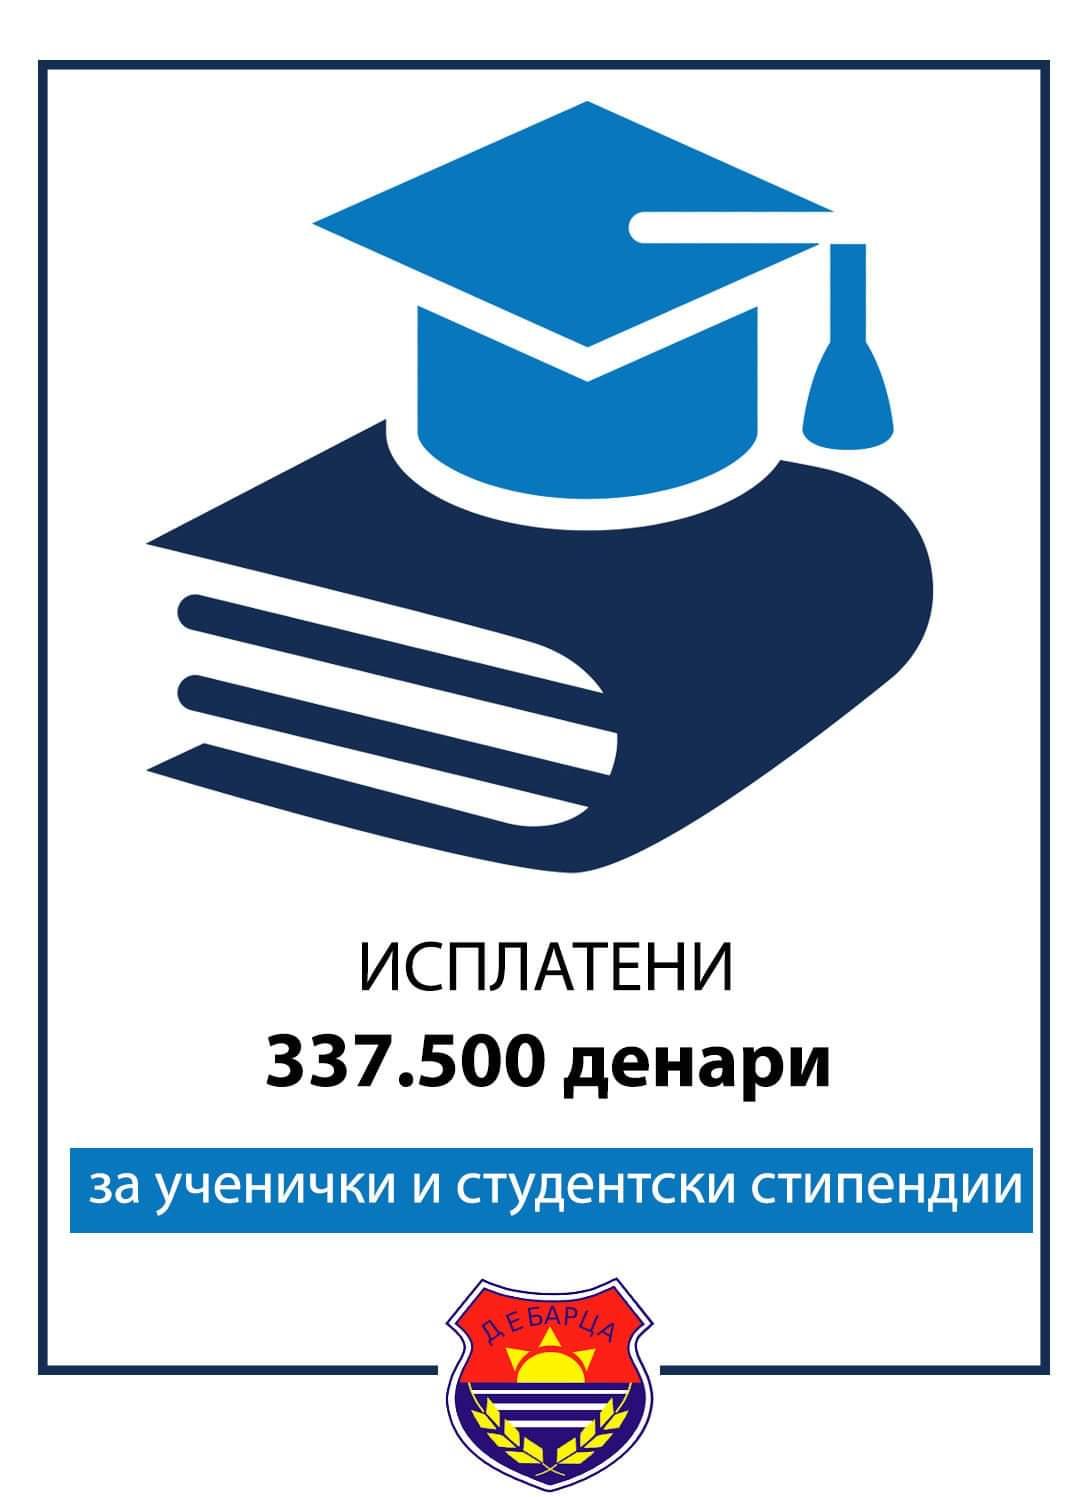 Општина Дебрца изврши исплата на 337.500 денари за ученички и студентски стипендии